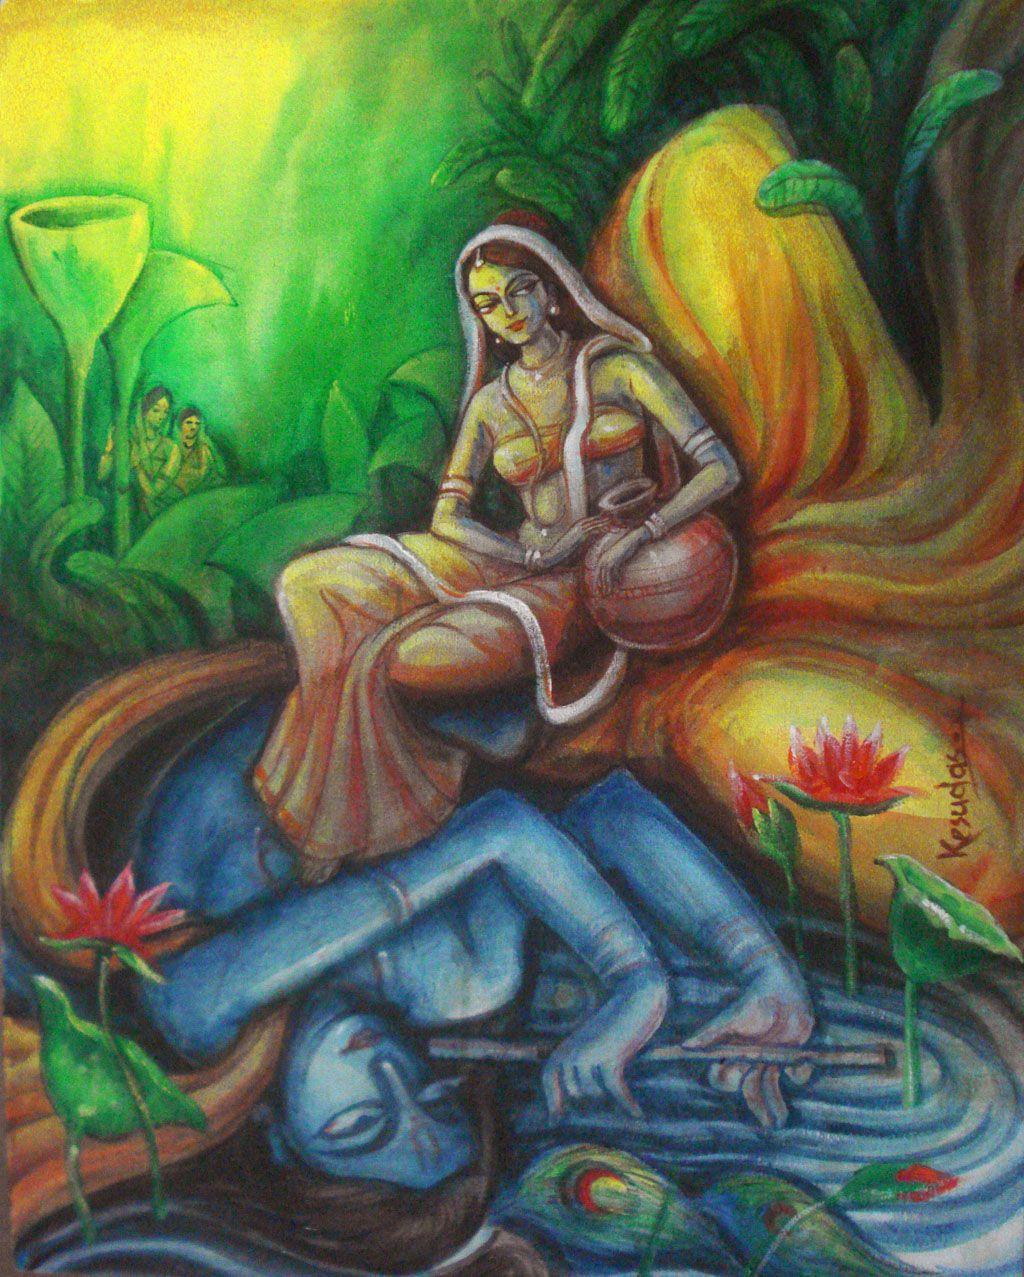 Pin by mo williams on Lord Krishna | Radha krishna photo, Krishna